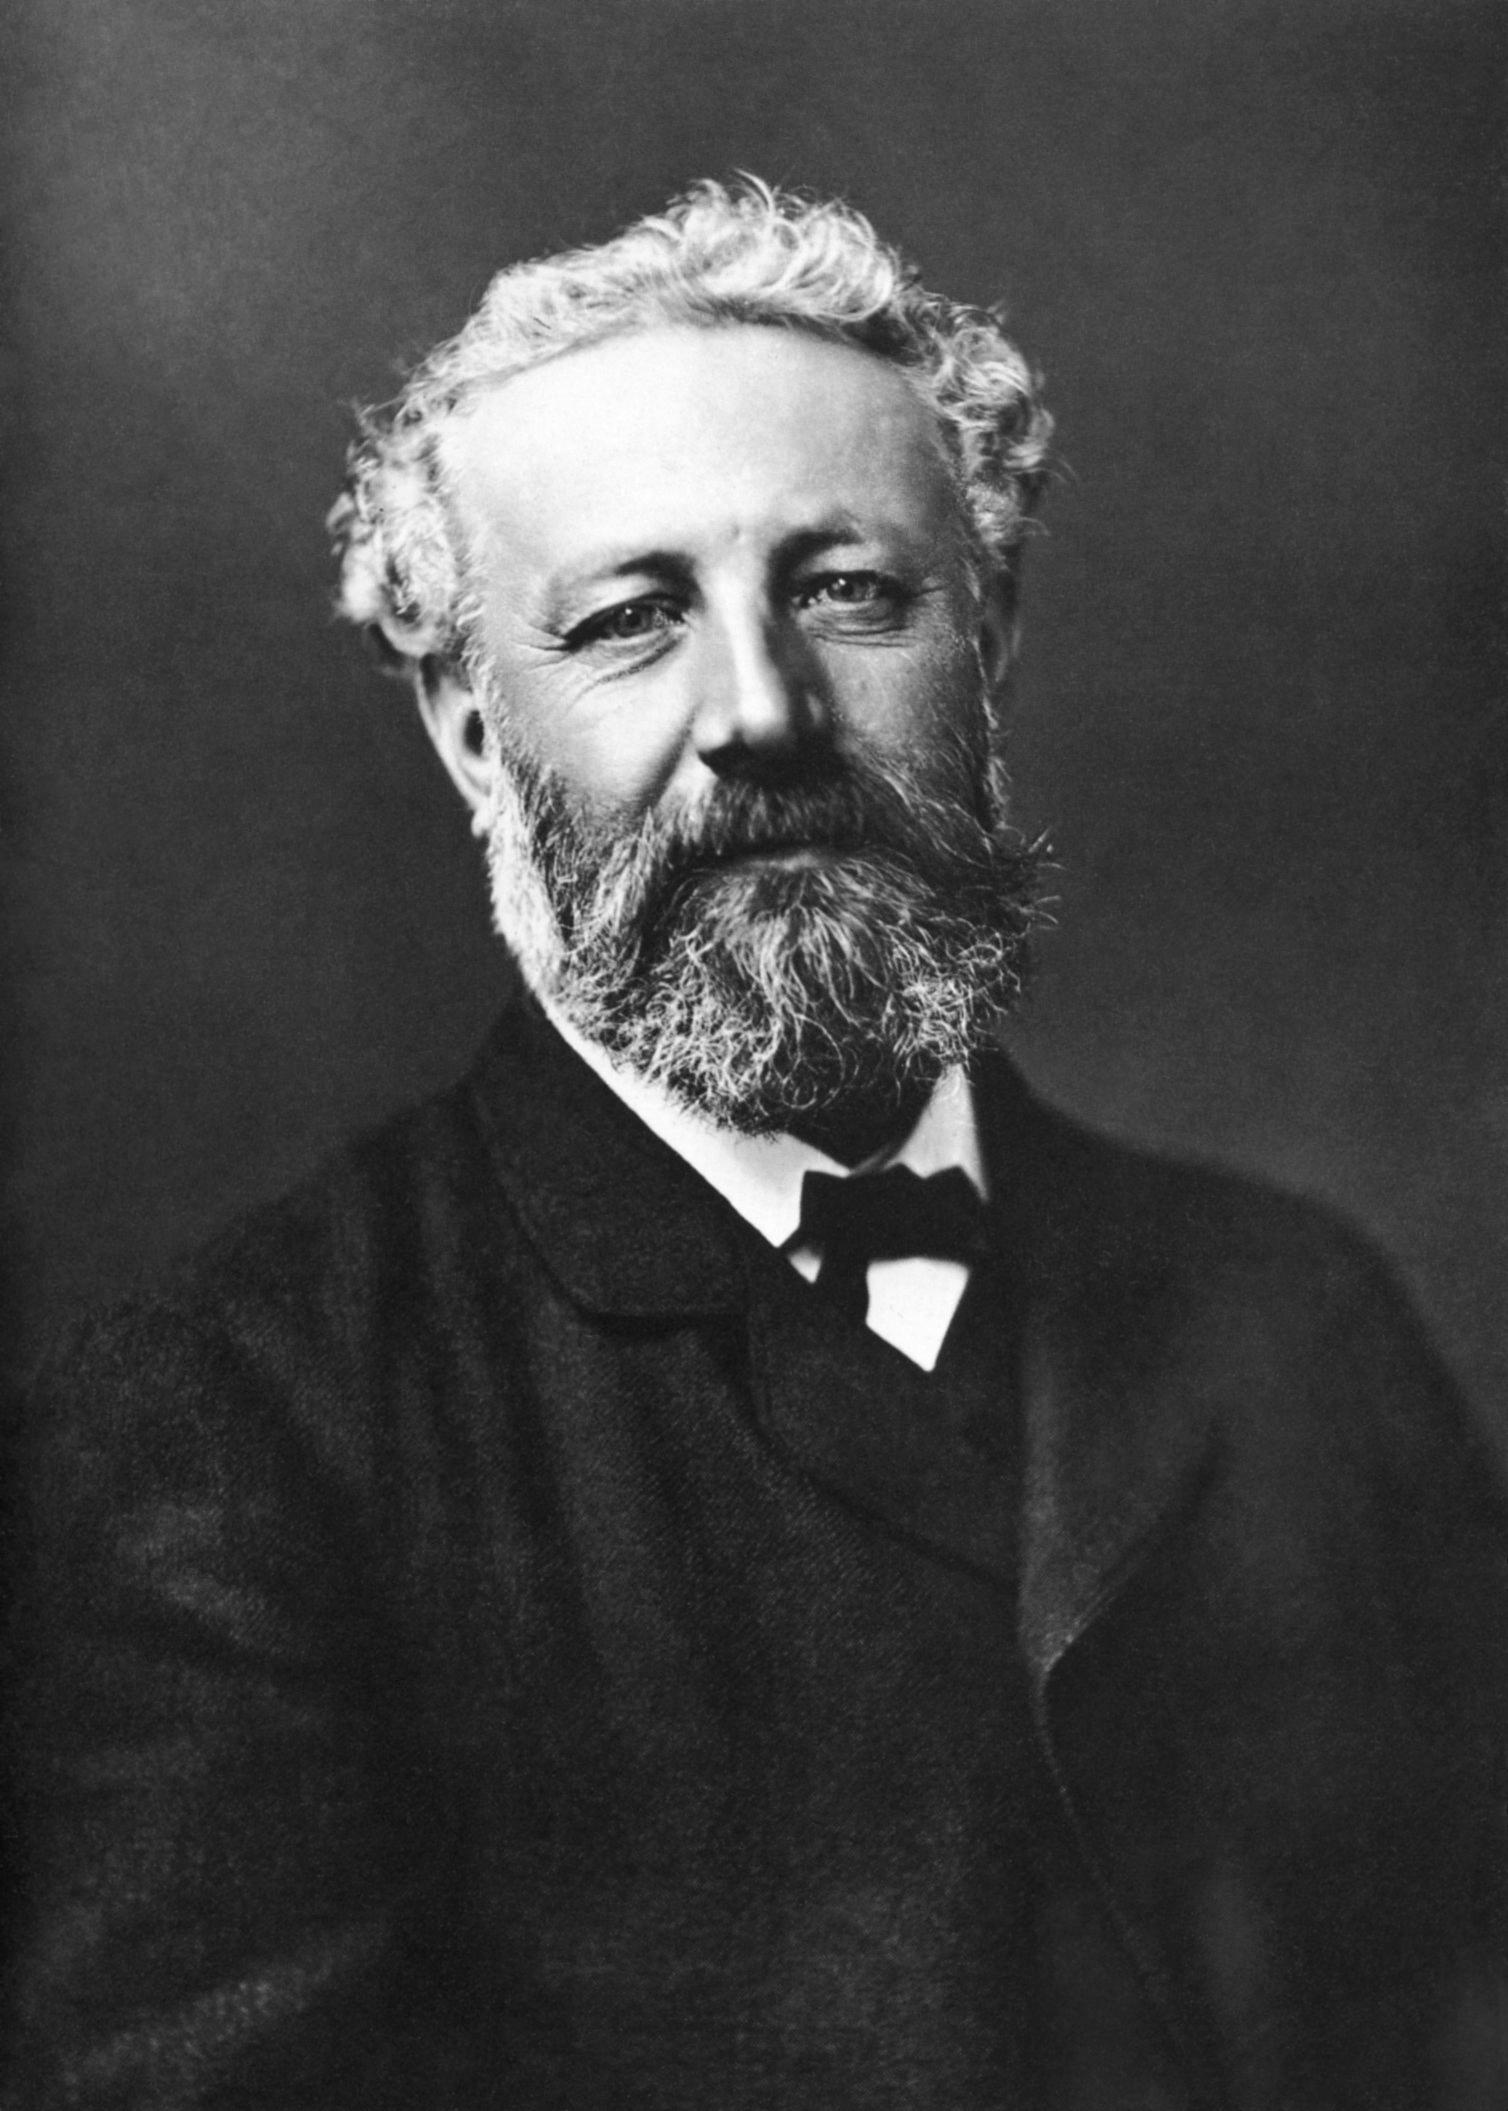 Photograph taken by Félix Nadar, circa 1878, according to the subject's grandson.